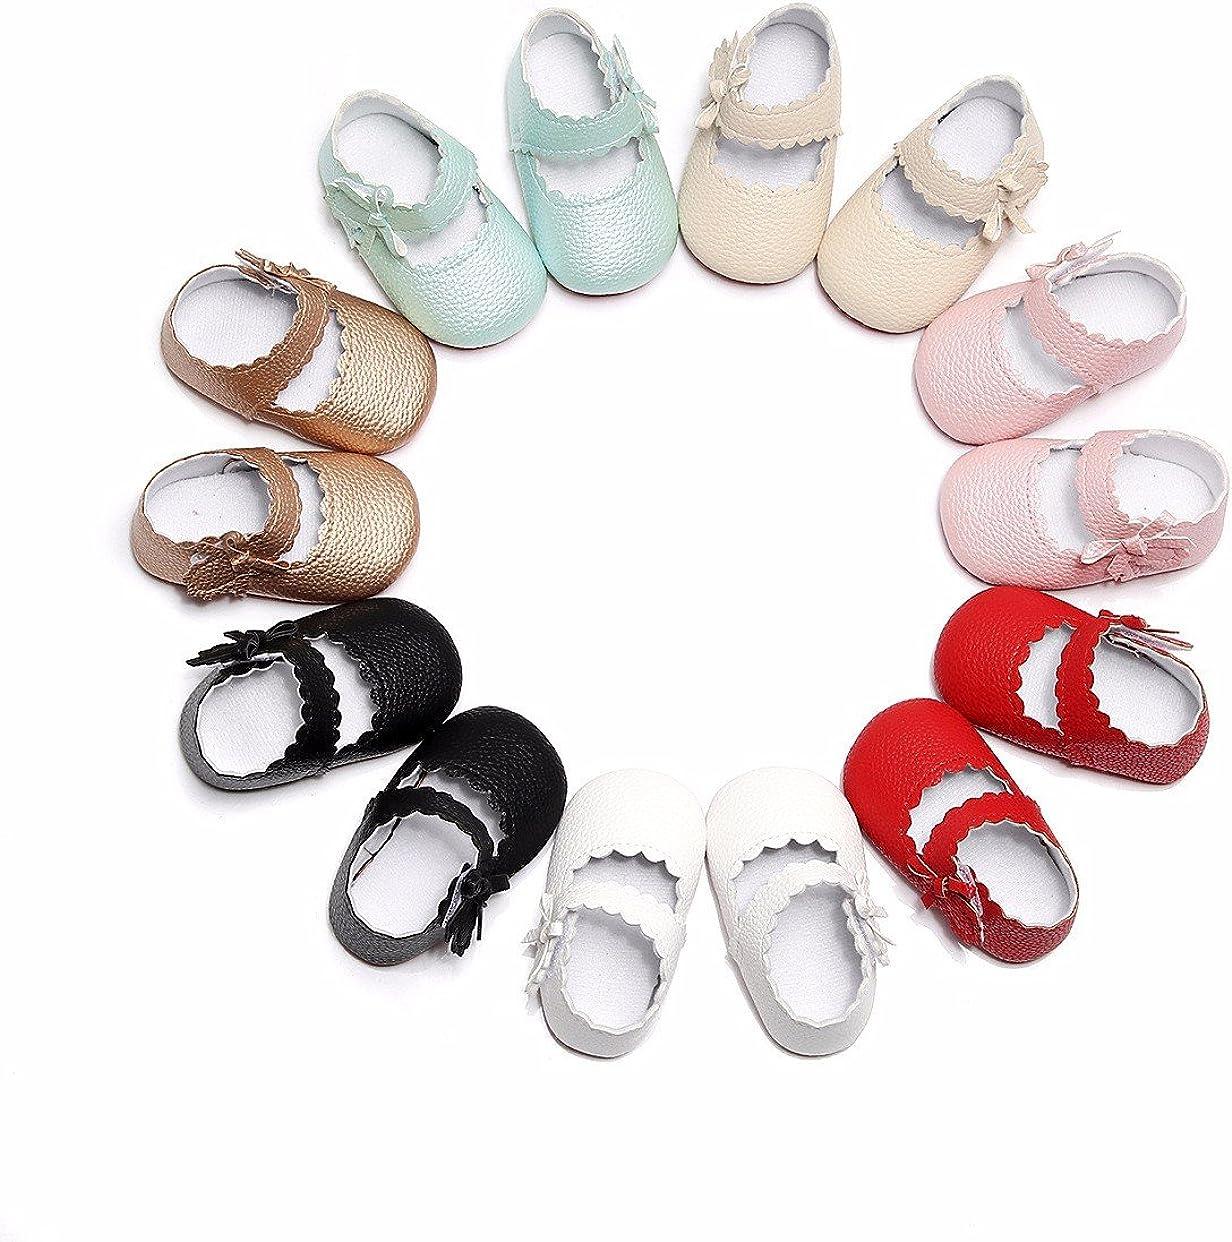 manadlian Chaussures B/éb/é B/éb/é Fille Chaussures en Cuir despadrille Anti-d/érapant B/éb/é Semelle Souple